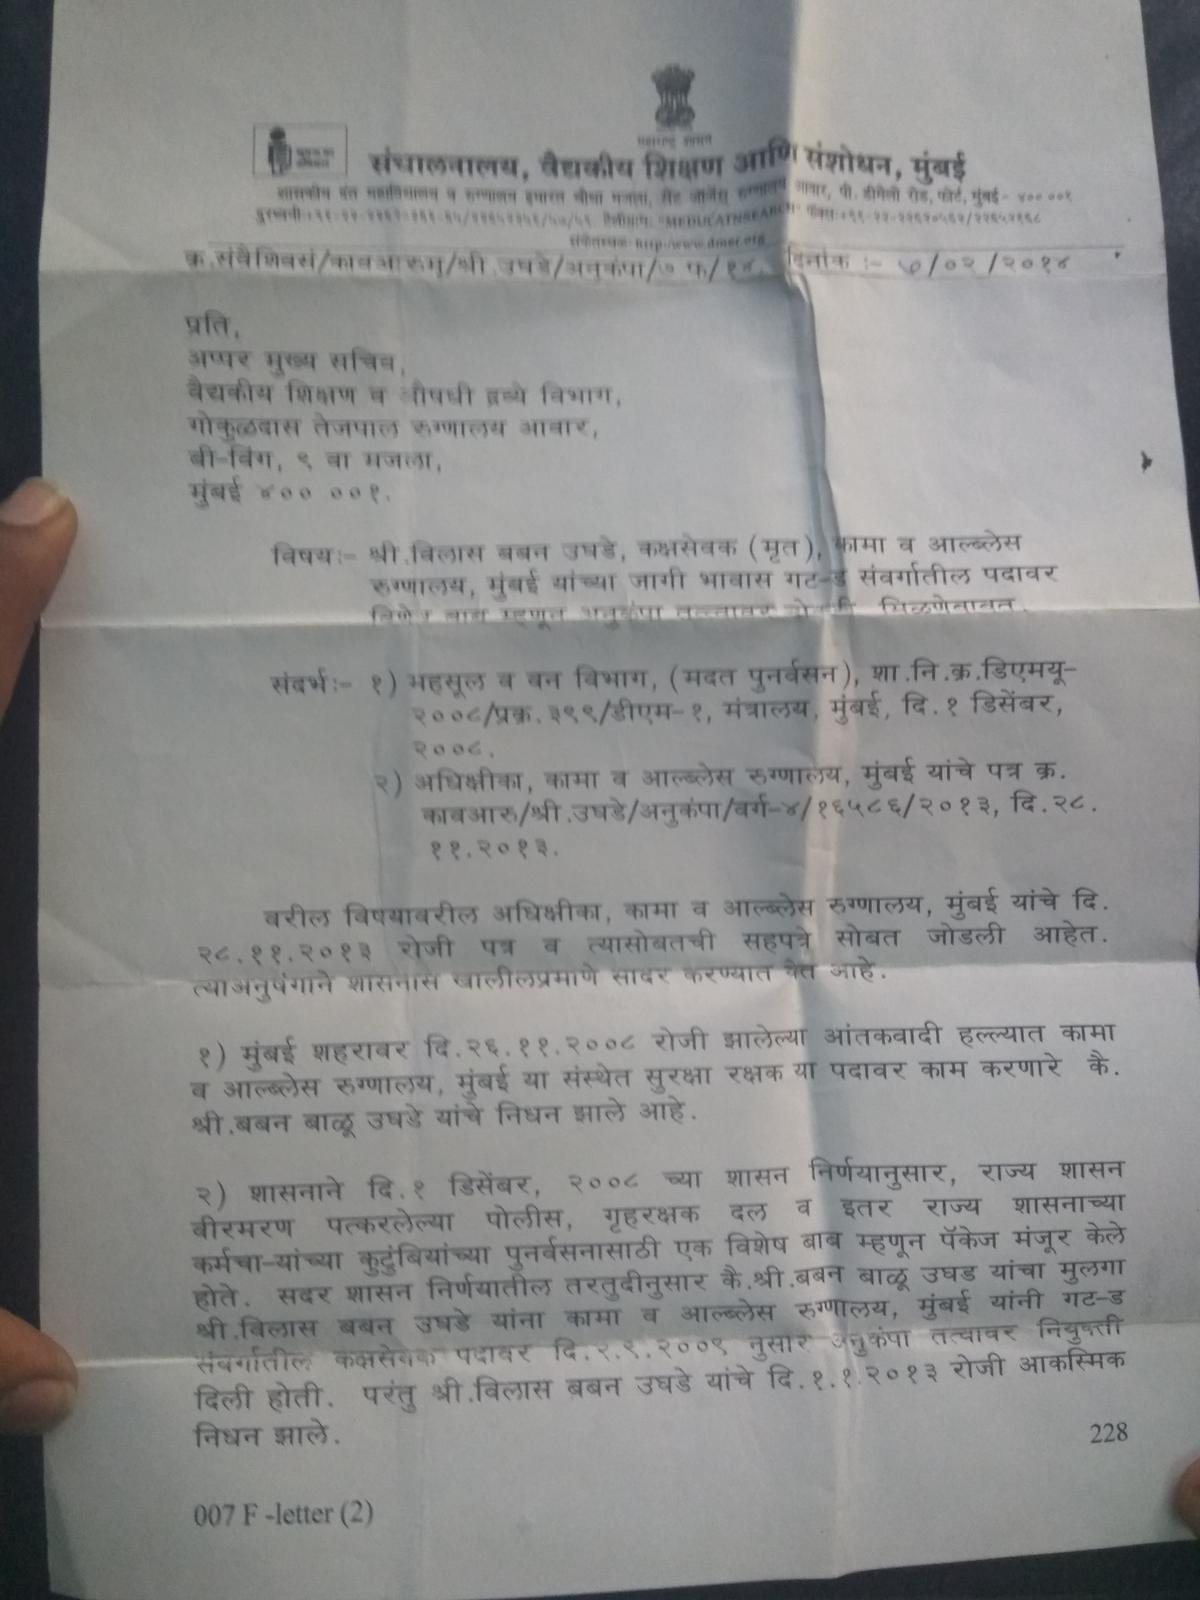 26/11 हमला: शहीद की पत्नी का छलका दर्द, कहा सरकार 4 साल से रुला रही है...